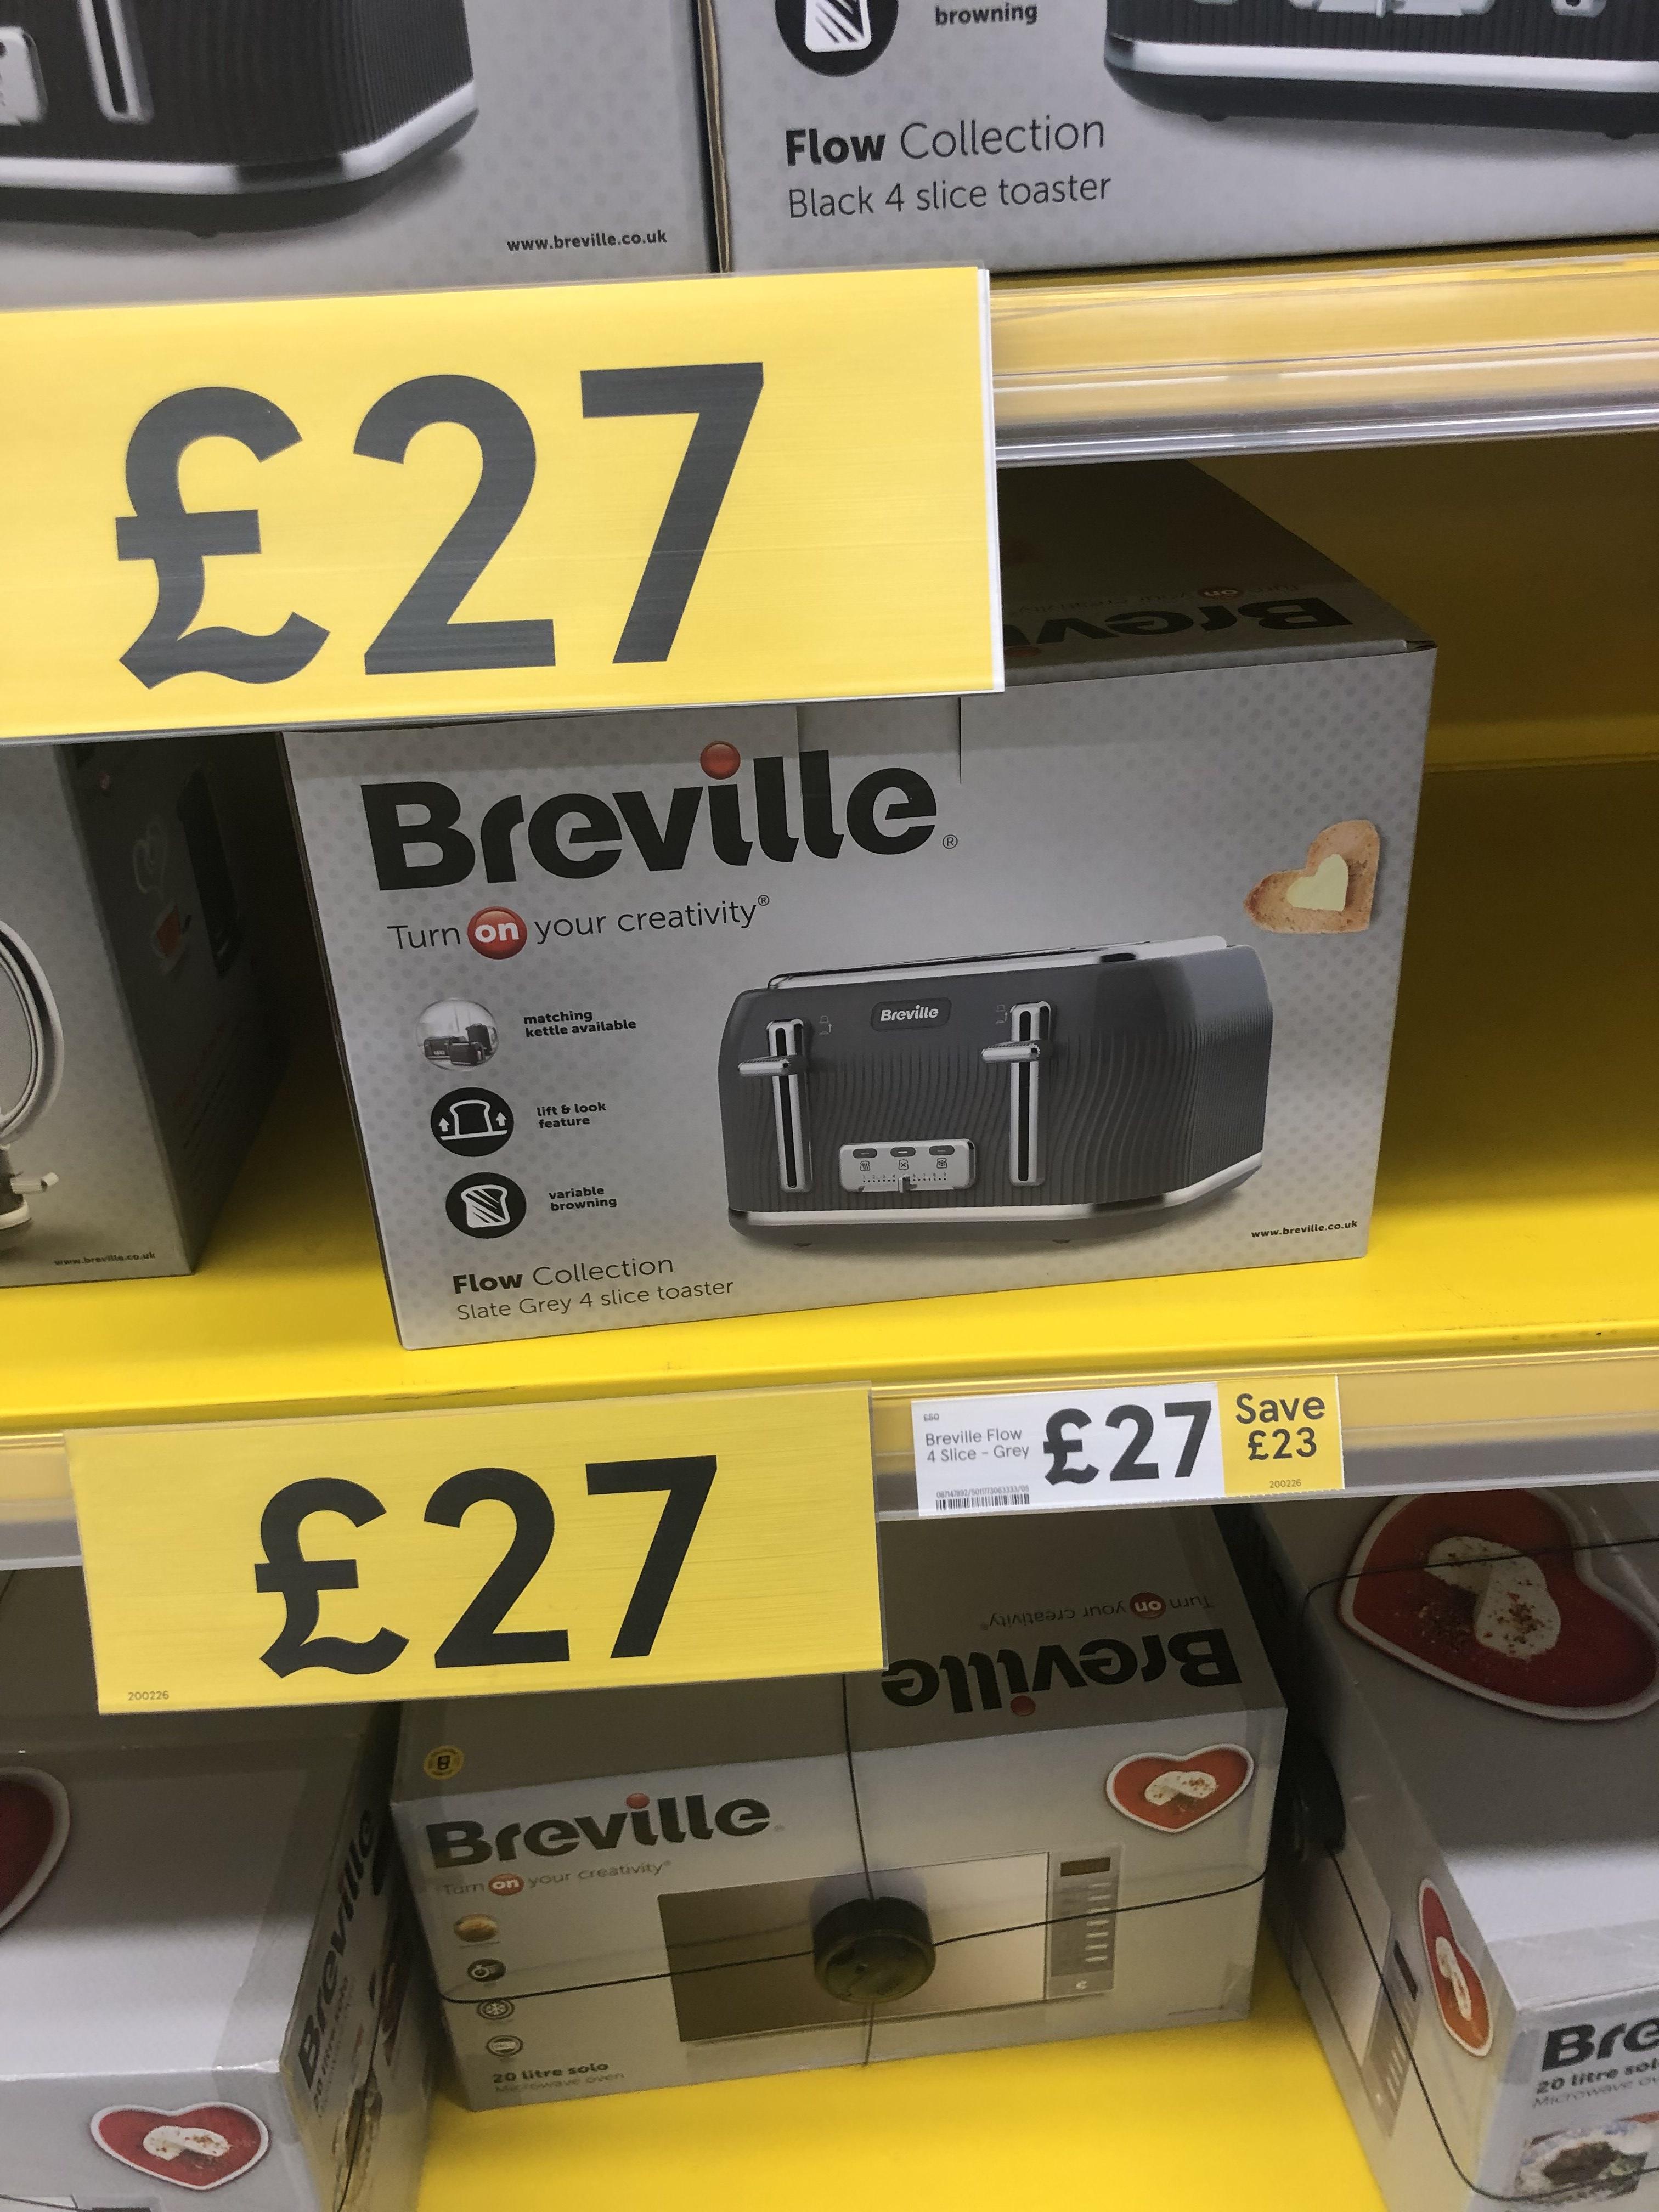 Breville 4 slice Toaster £27 instore VTT892 @ Tesco (Redcar)